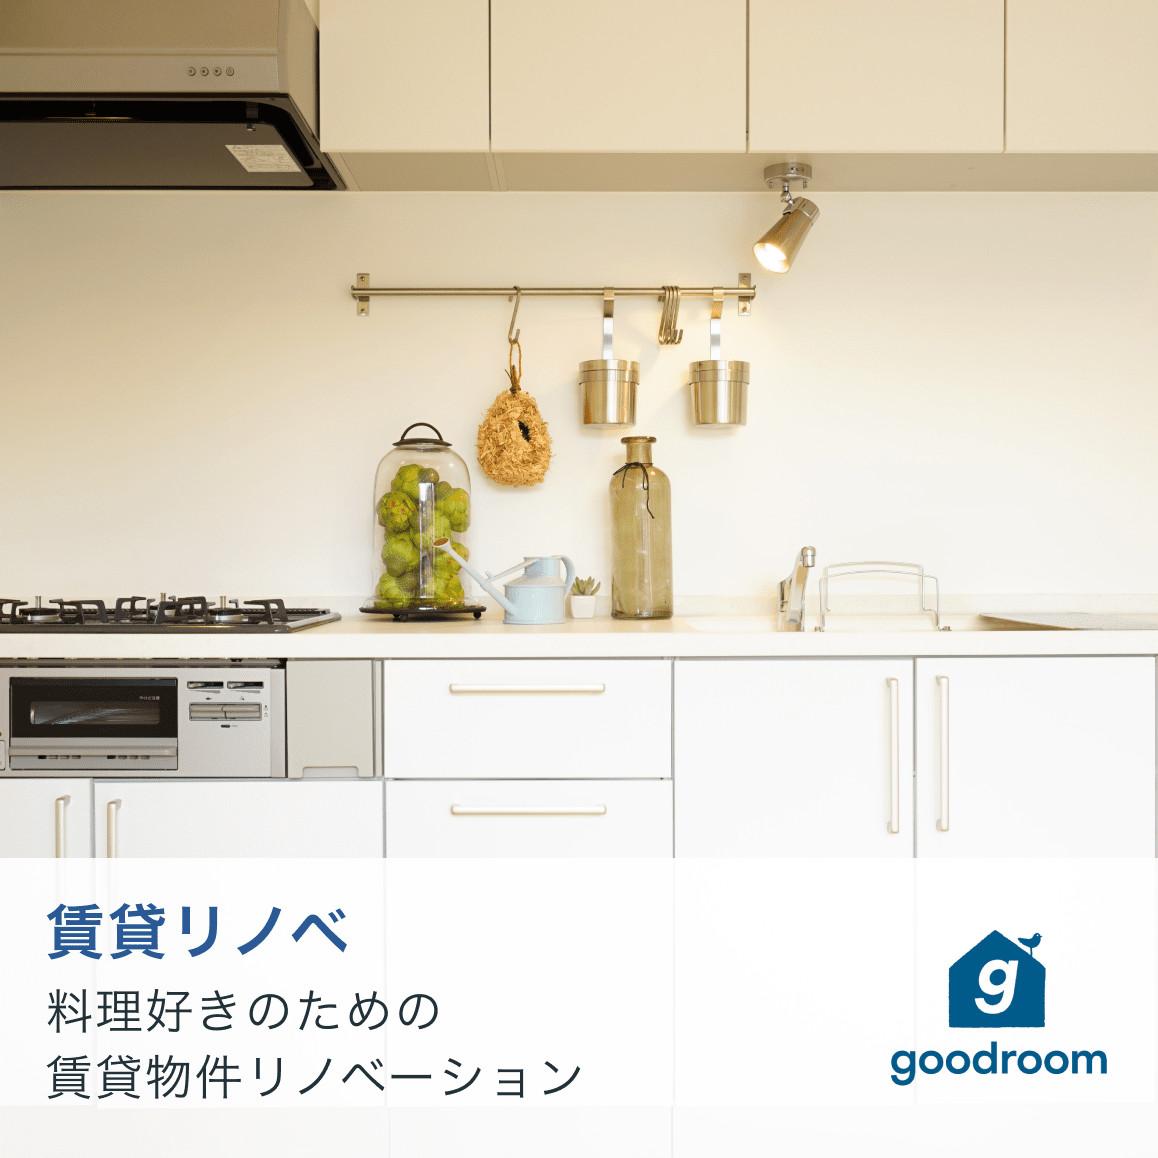 たのしいキッチン住宅賃貸リノベ